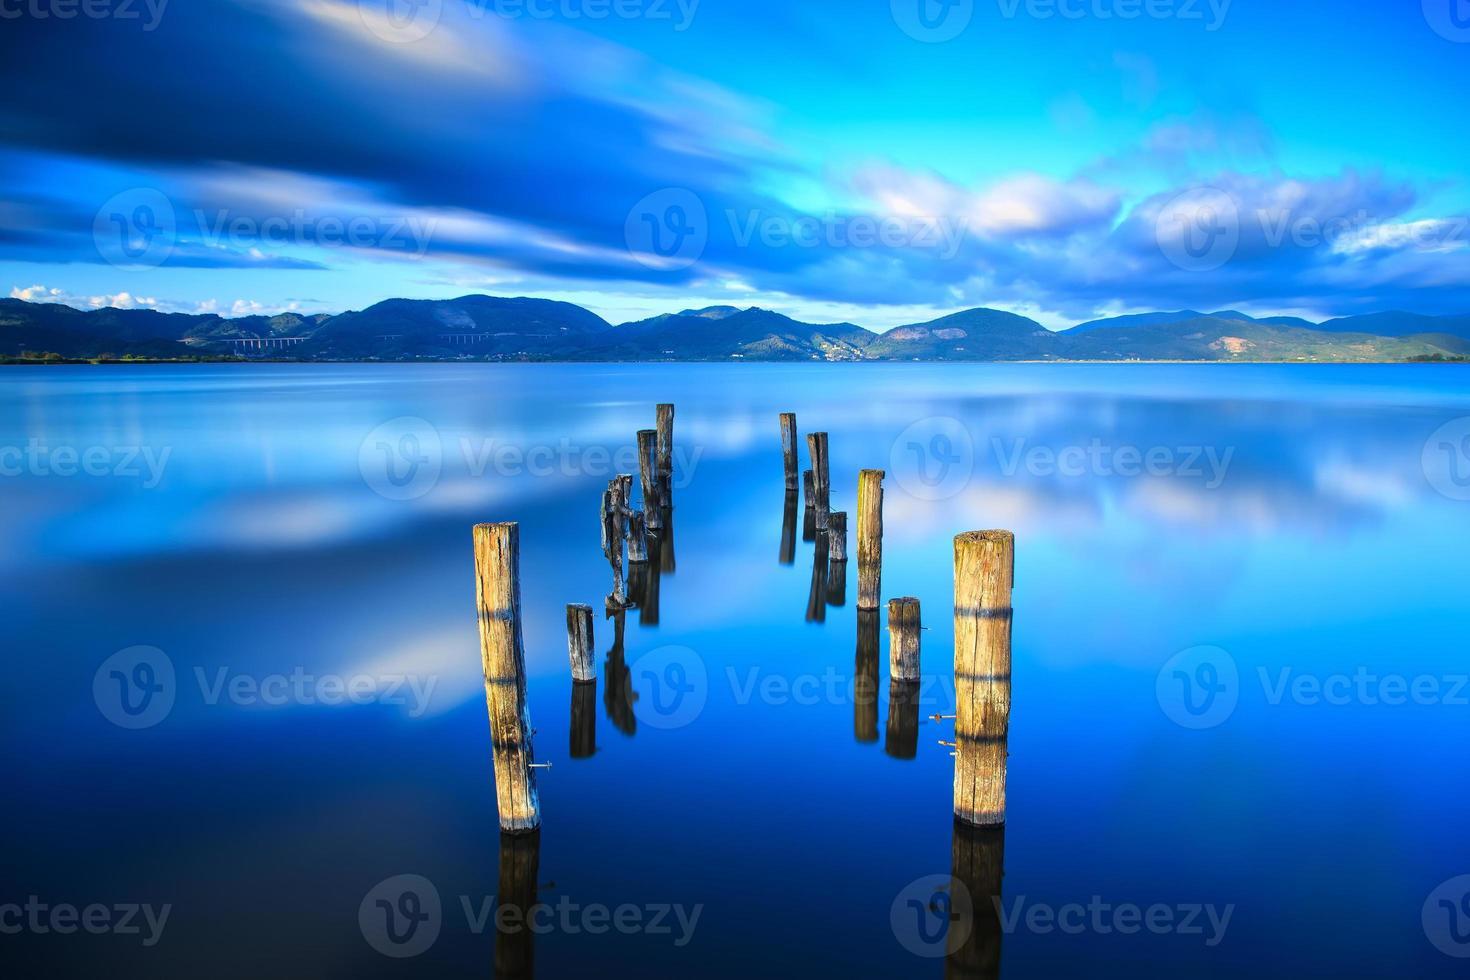 jetée en bois, jetée reste sur un lac bleu coucher de soleil, ciel photo